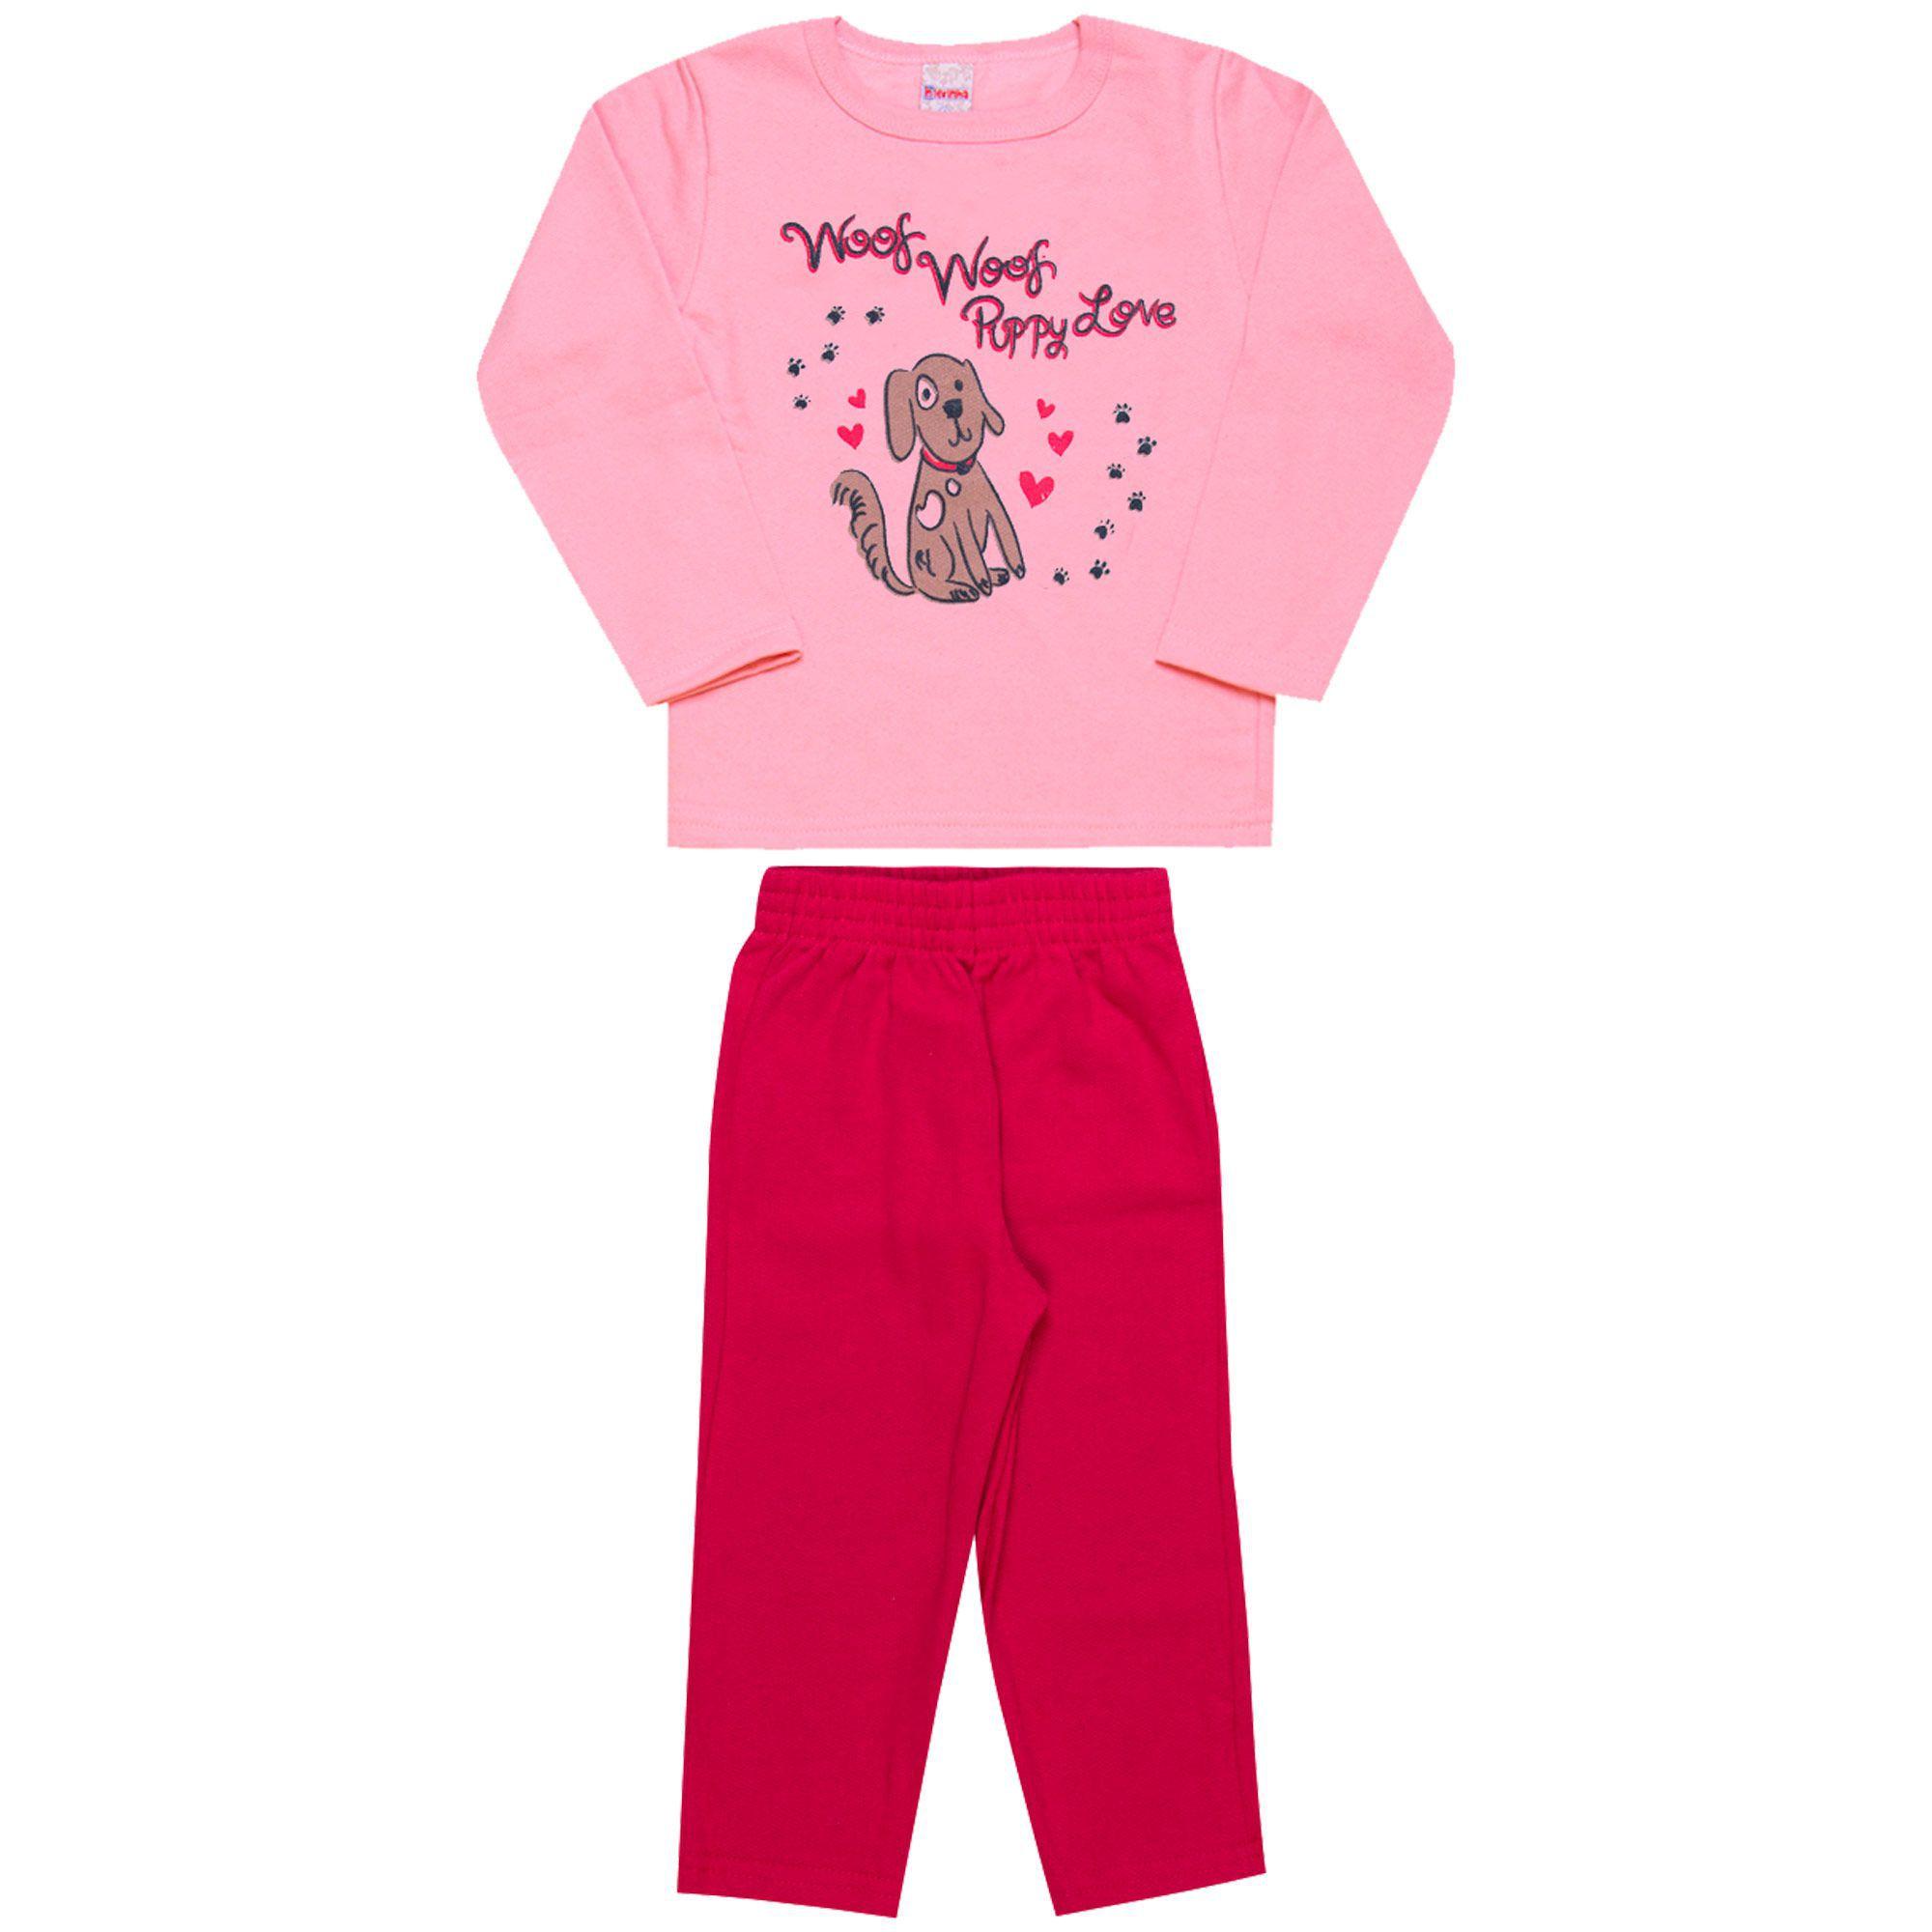 Conjunto Infantil Feminino  2 peças - Ref 1943 - Rosa/Pink